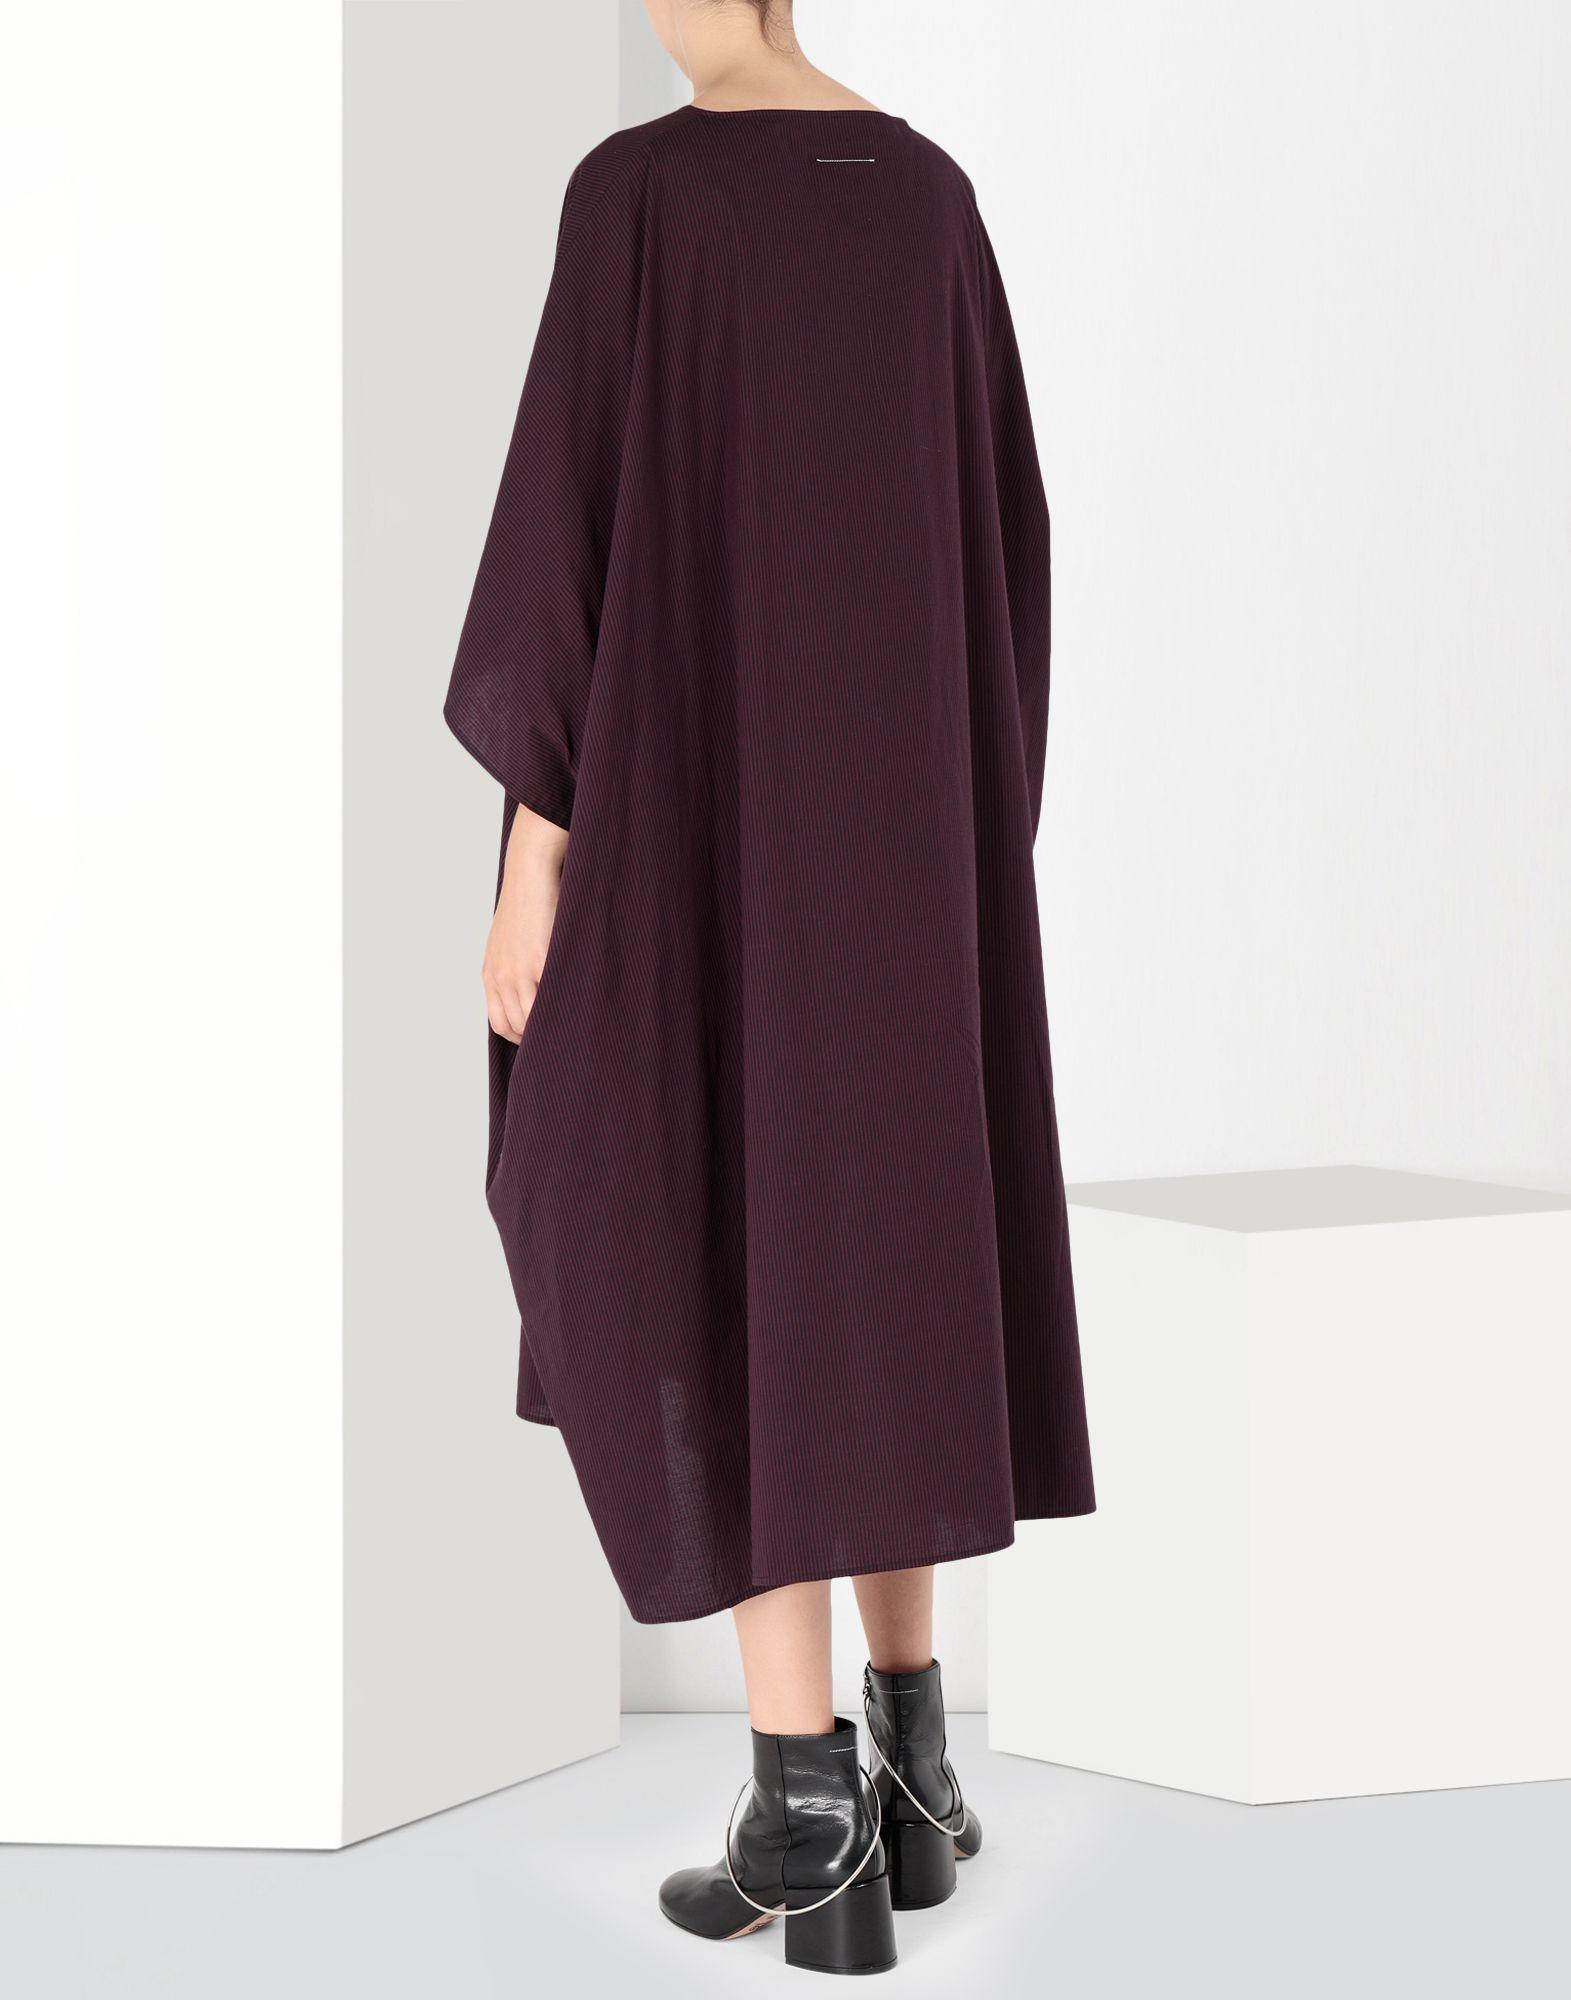 MM6 MAISON MARGIELA Flat cotton dress 3/4 length dress Woman d